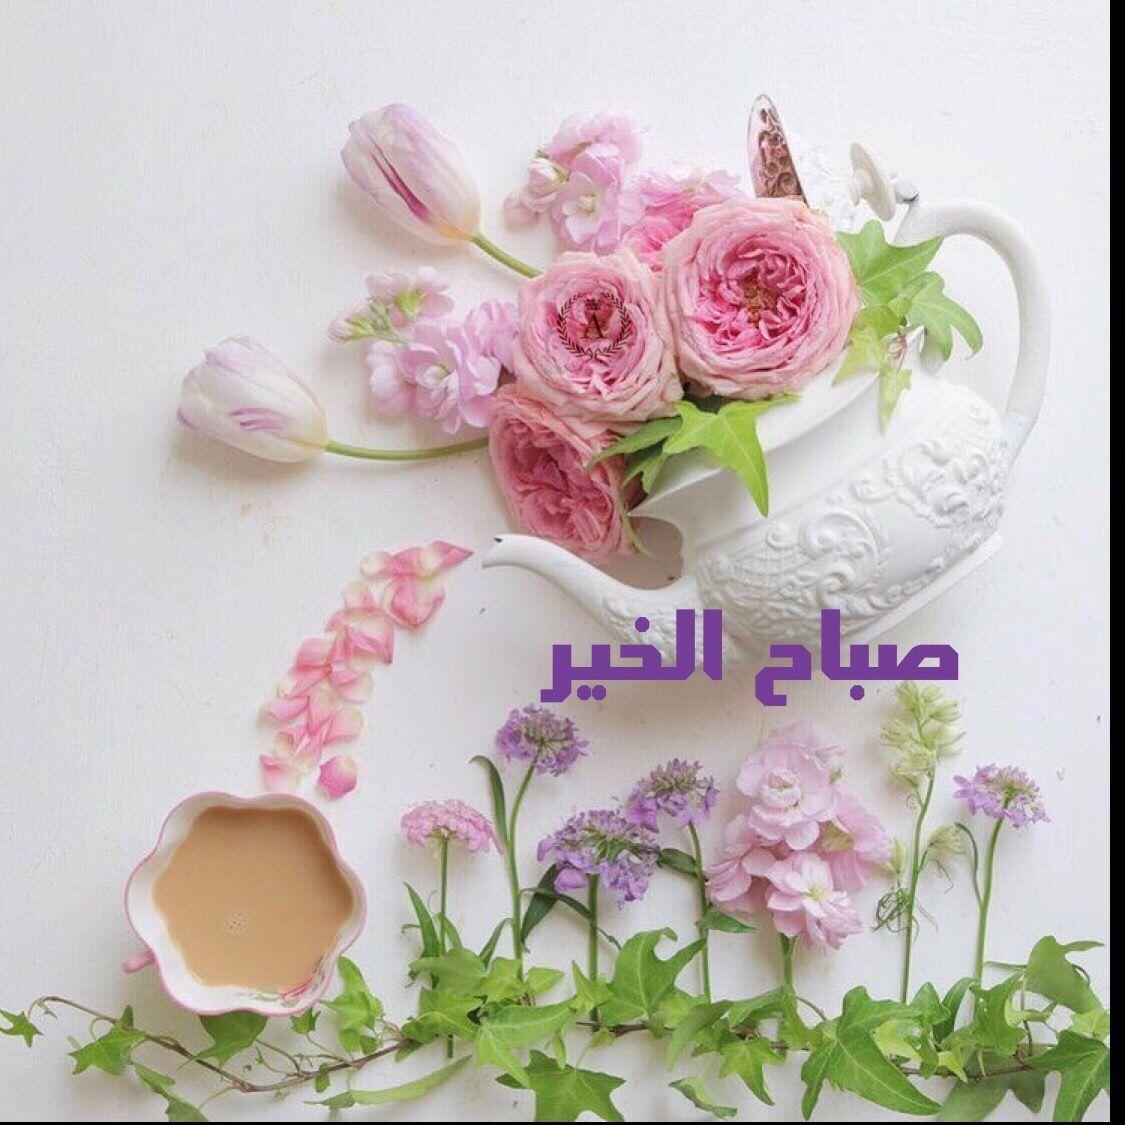 بالصور اجمل صباح الخير , اجمل العبارات الصباحية 3981 3